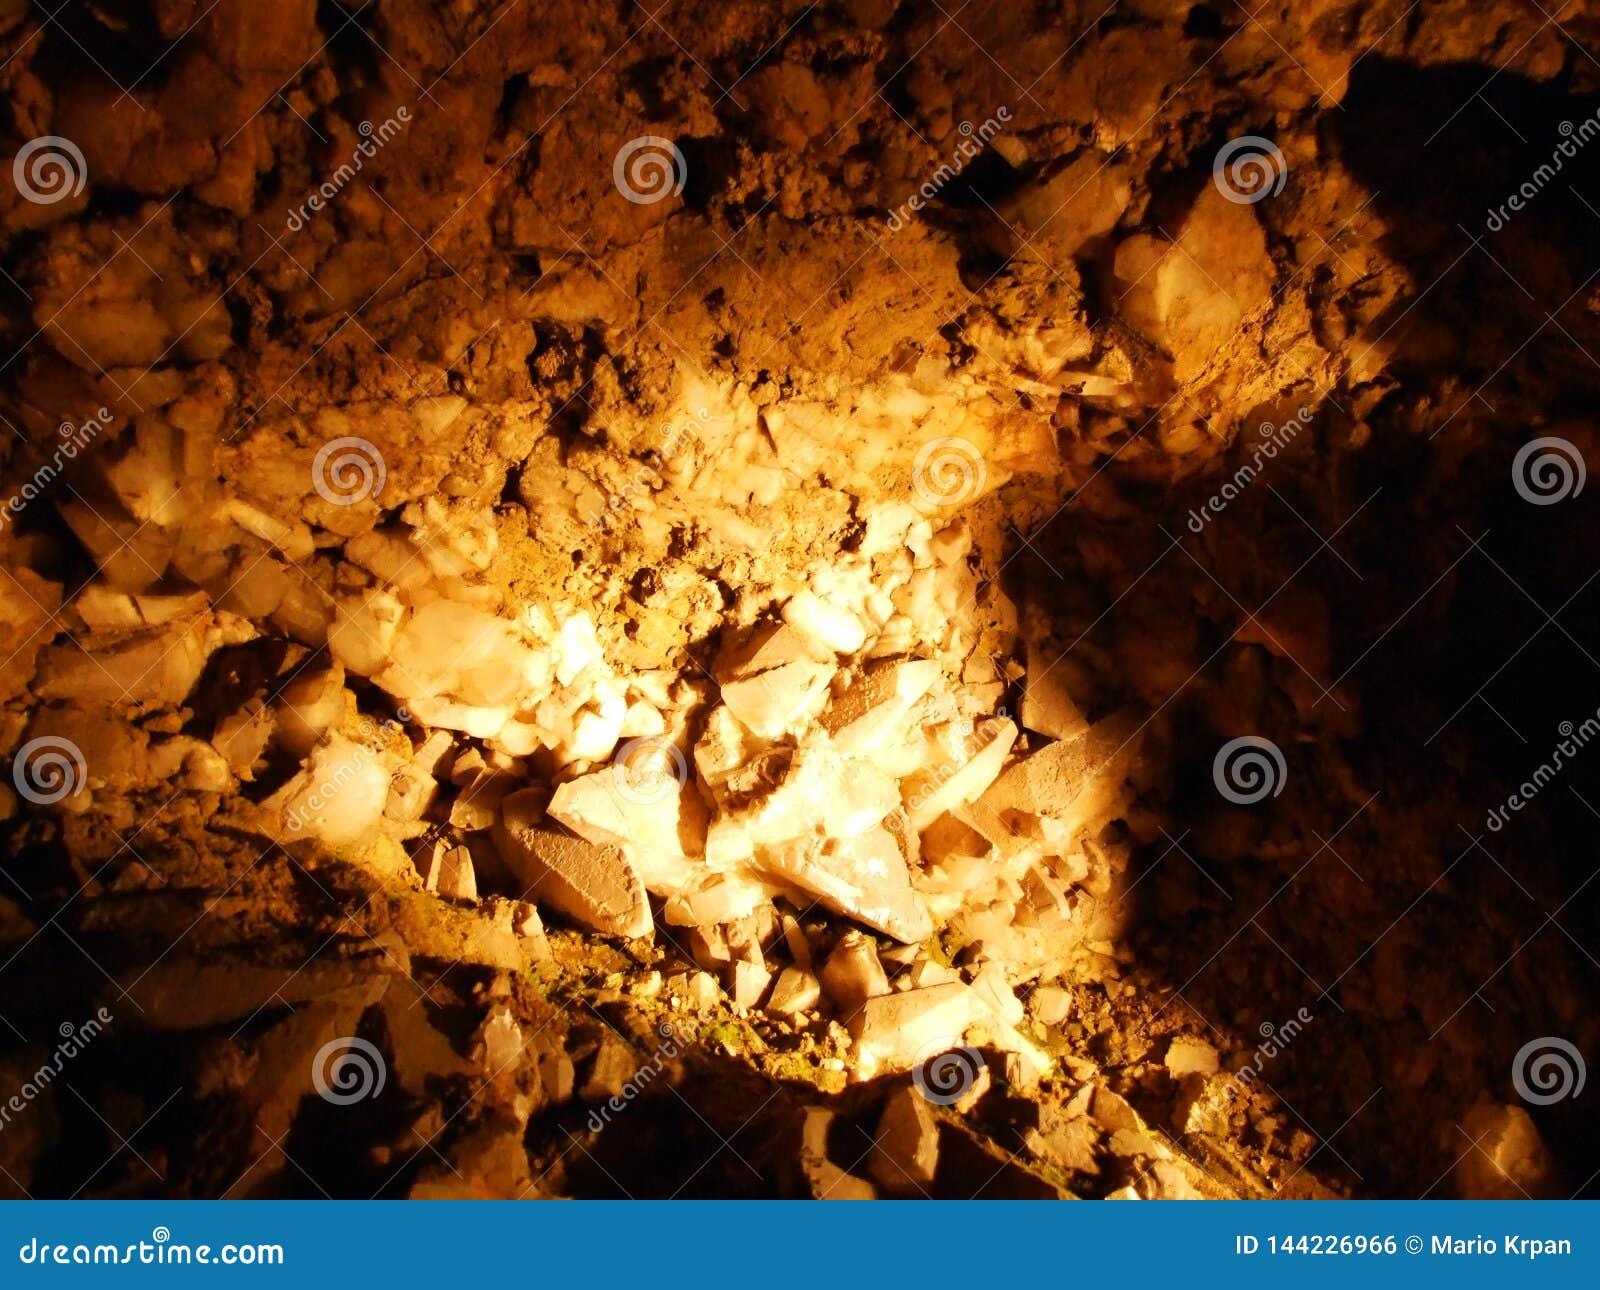 Caverne en cristal Kobelwald ou matrice Kristallhöhle Kobelwald Kristallhohle Kobelwald ou Kristallhoehle Kobelwald